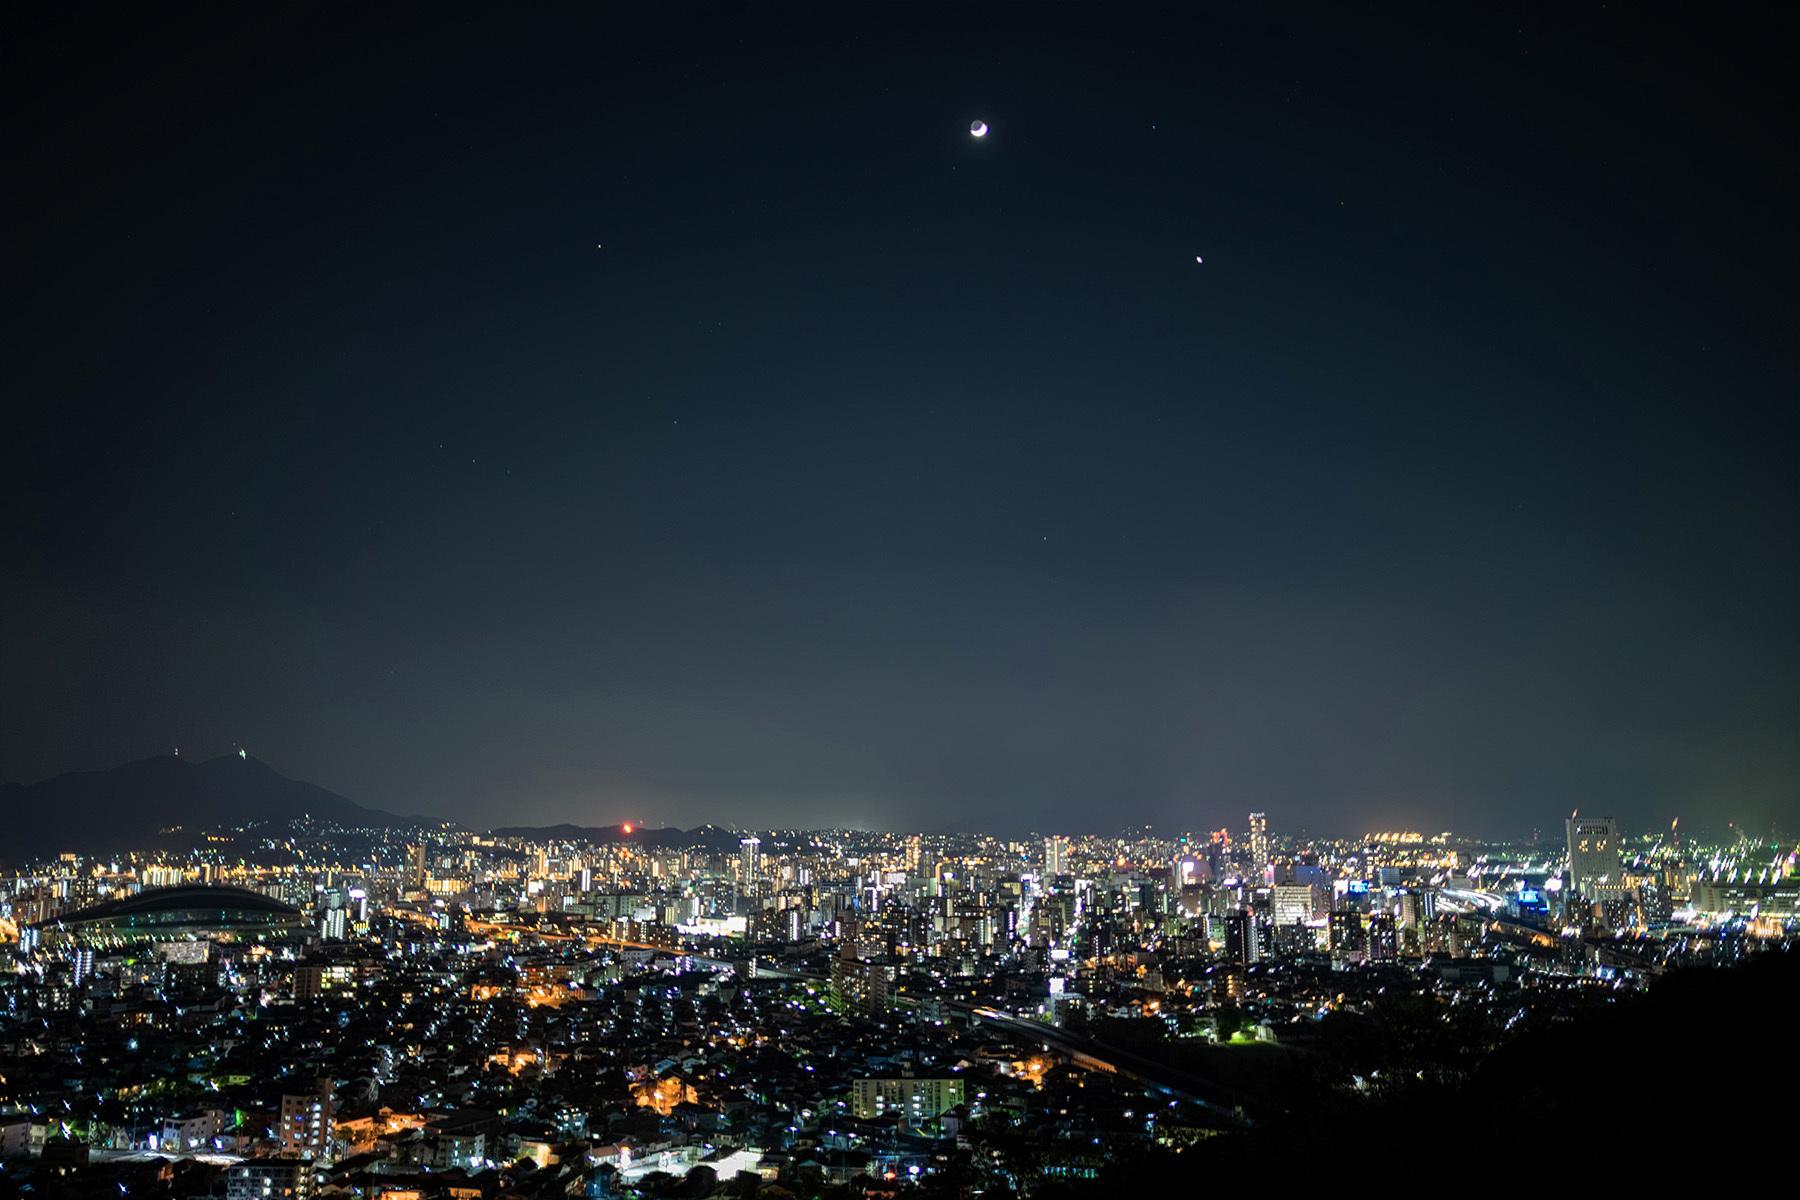 金星の輝き_c0028861_22285297.jpg